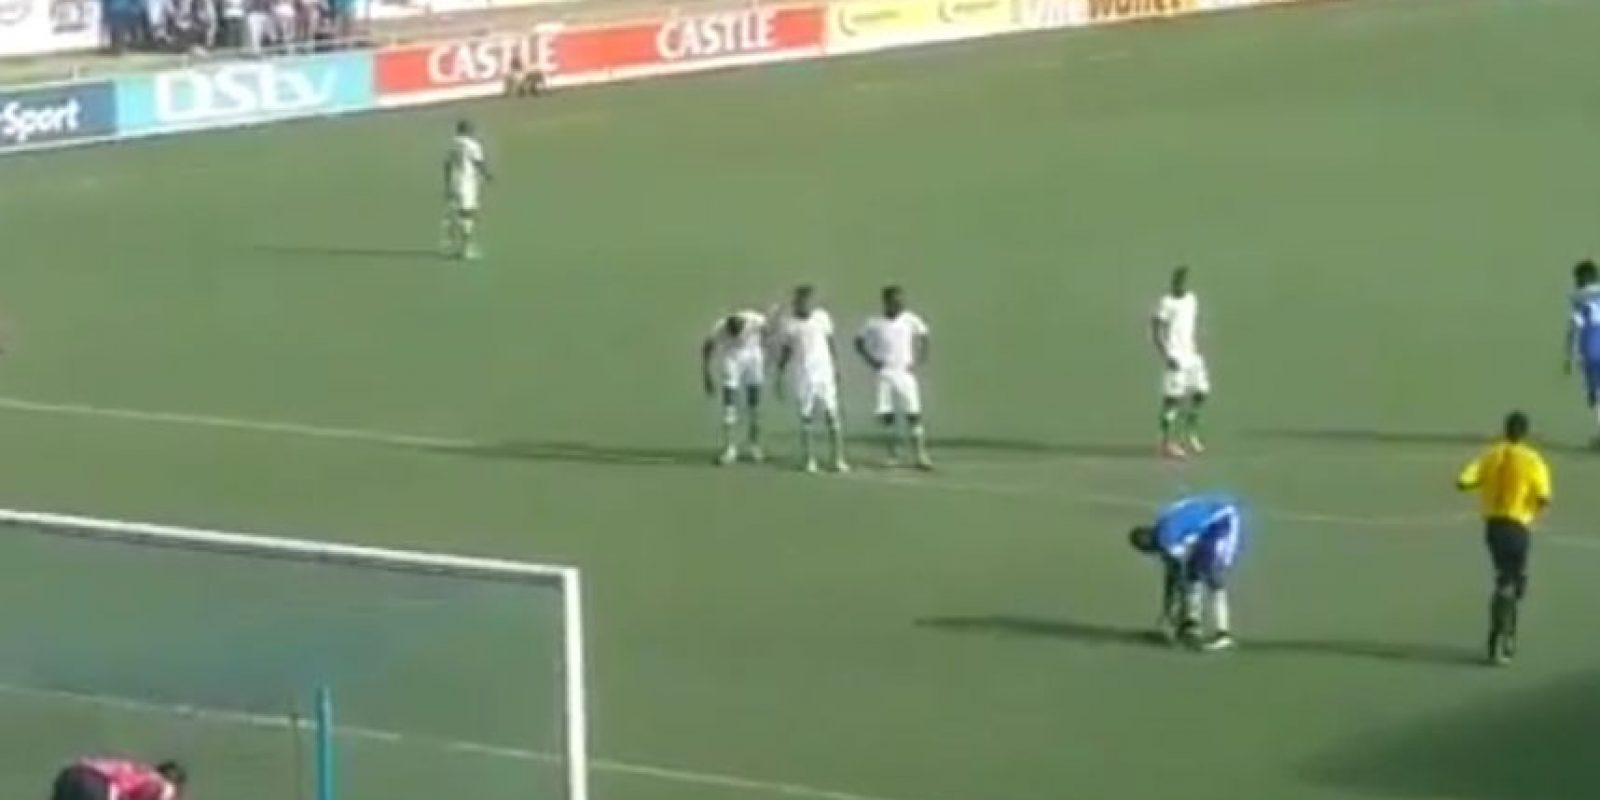 Ahora lo intentaron en Zimbabue, pero no anotaron Foto:Twitter